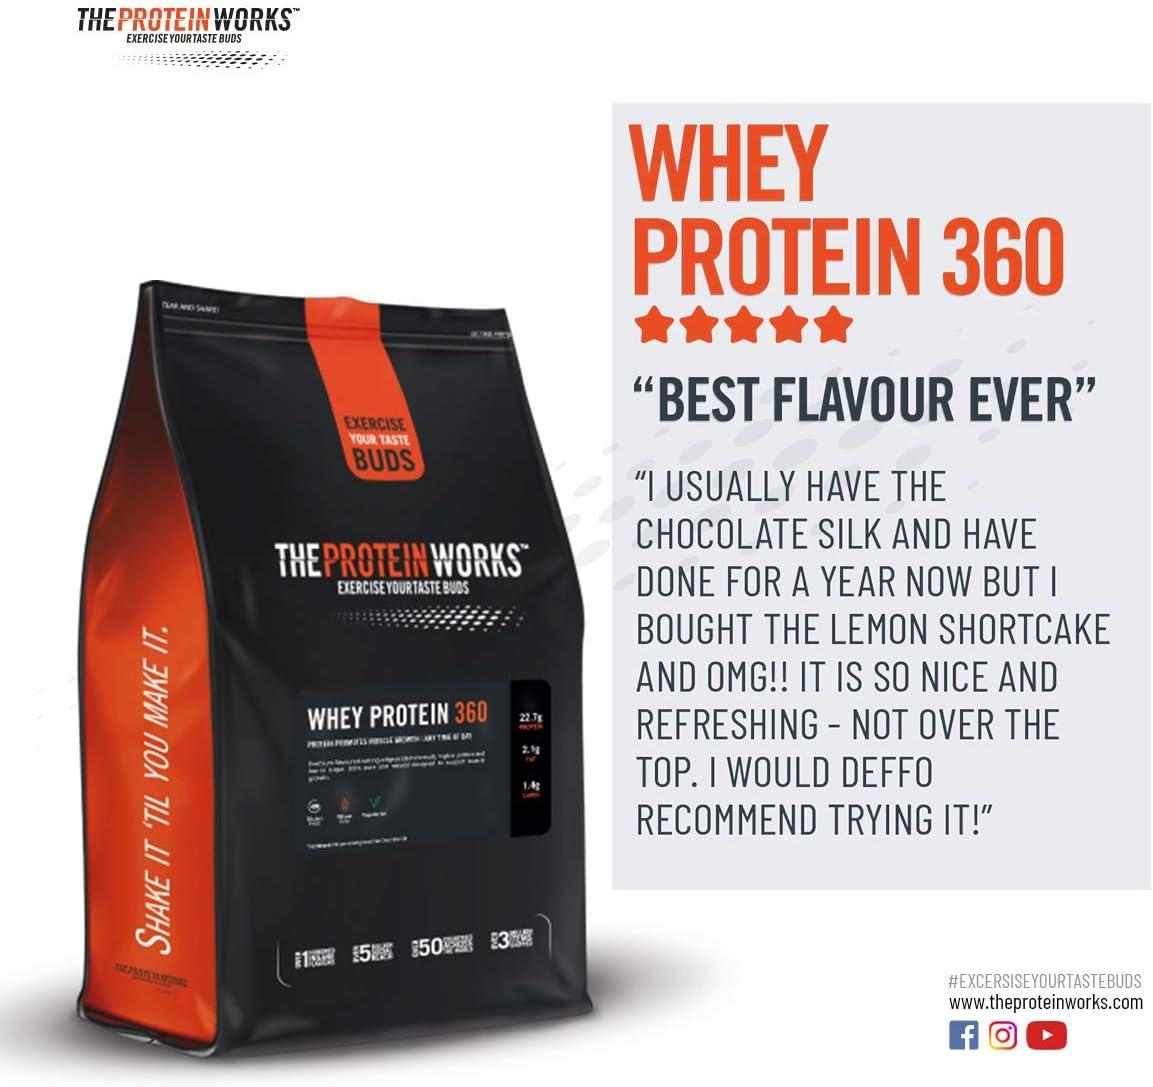 THE PROTEIN WORKS Whey Protein 360 | Batido Alto En Proteínas Para Construir Músculo| Combinación TRI-Proteica | Caramelo Cremoso | 600g